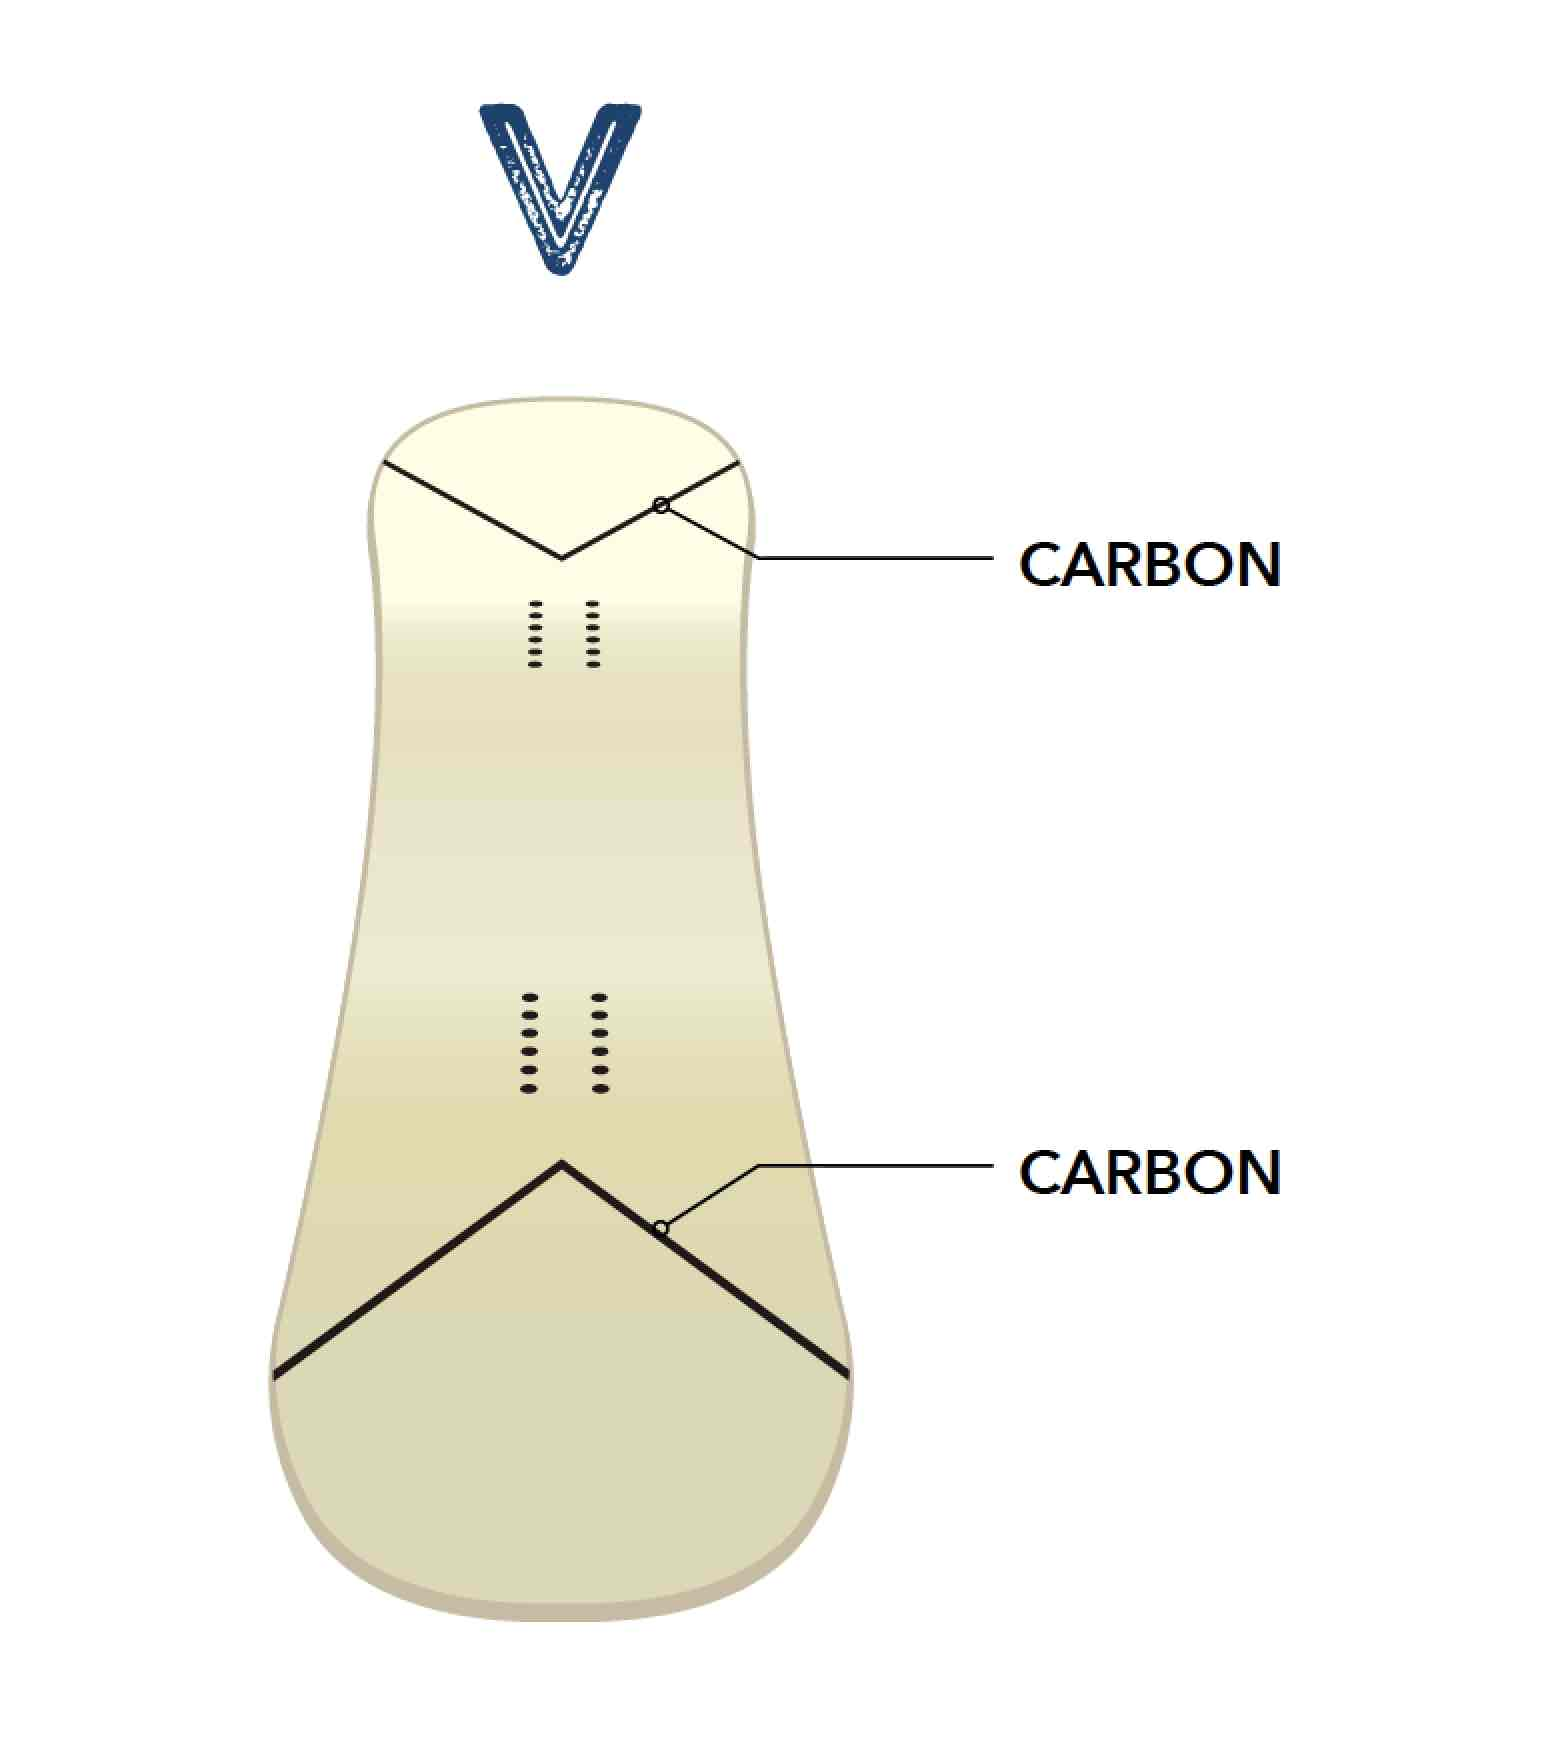 このイラストを見れば一目瞭然だが、ノーズとテールにはV字型のカーボンが内蔵されている。これは、粘りや反発力をサポートするためで、ソフトだがパワフルなボードに仕上がっている要因のひとつでもある。つまり、ソフトフレックスだが力強さも兼ね備えているのだ